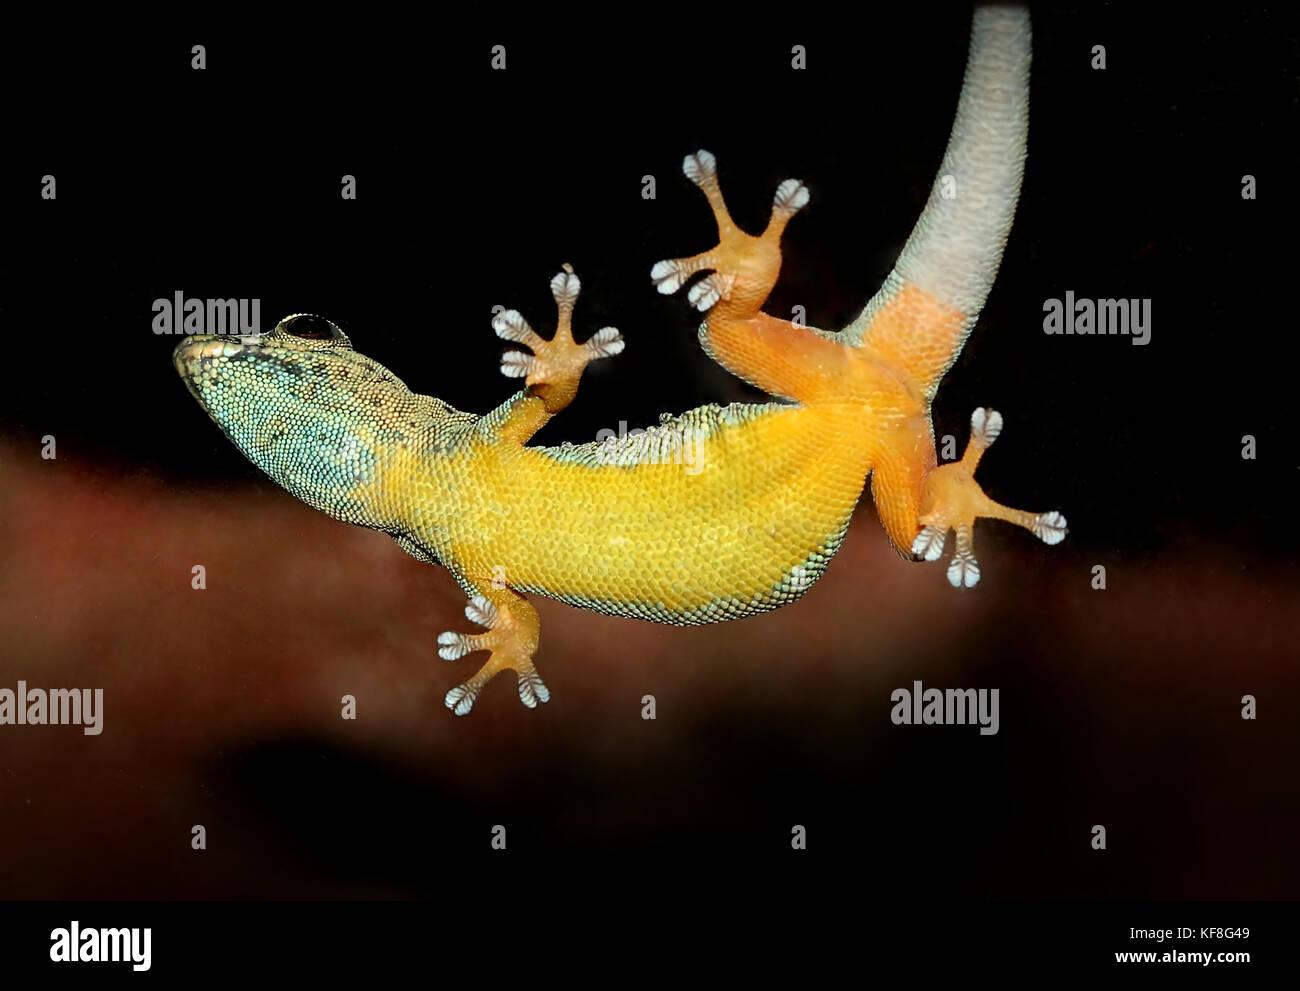 Tanzanian Turquoise Dwarf Gecko or William's dwarf gecko (Lygodactylus williamsi ) clinging to glass. A.k.a.  Electric Blue Gecko Stock Photo